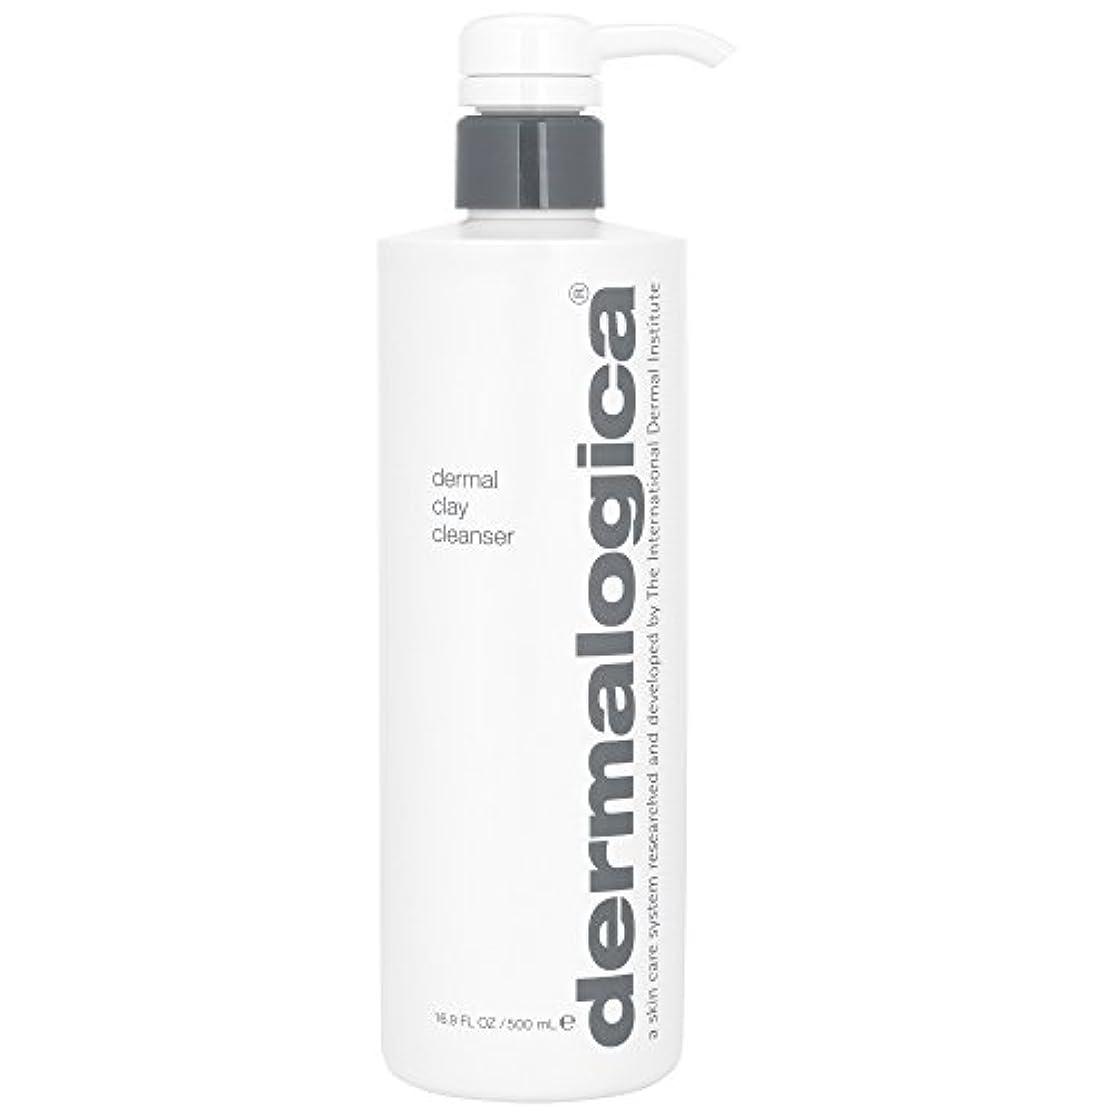 不完全追い出すテキストダーマロジカ真皮クレイクレンザー500ミリリットル (Dermalogica) - Dermalogica Dermal Clay Cleanser 500ml [並行輸入品]